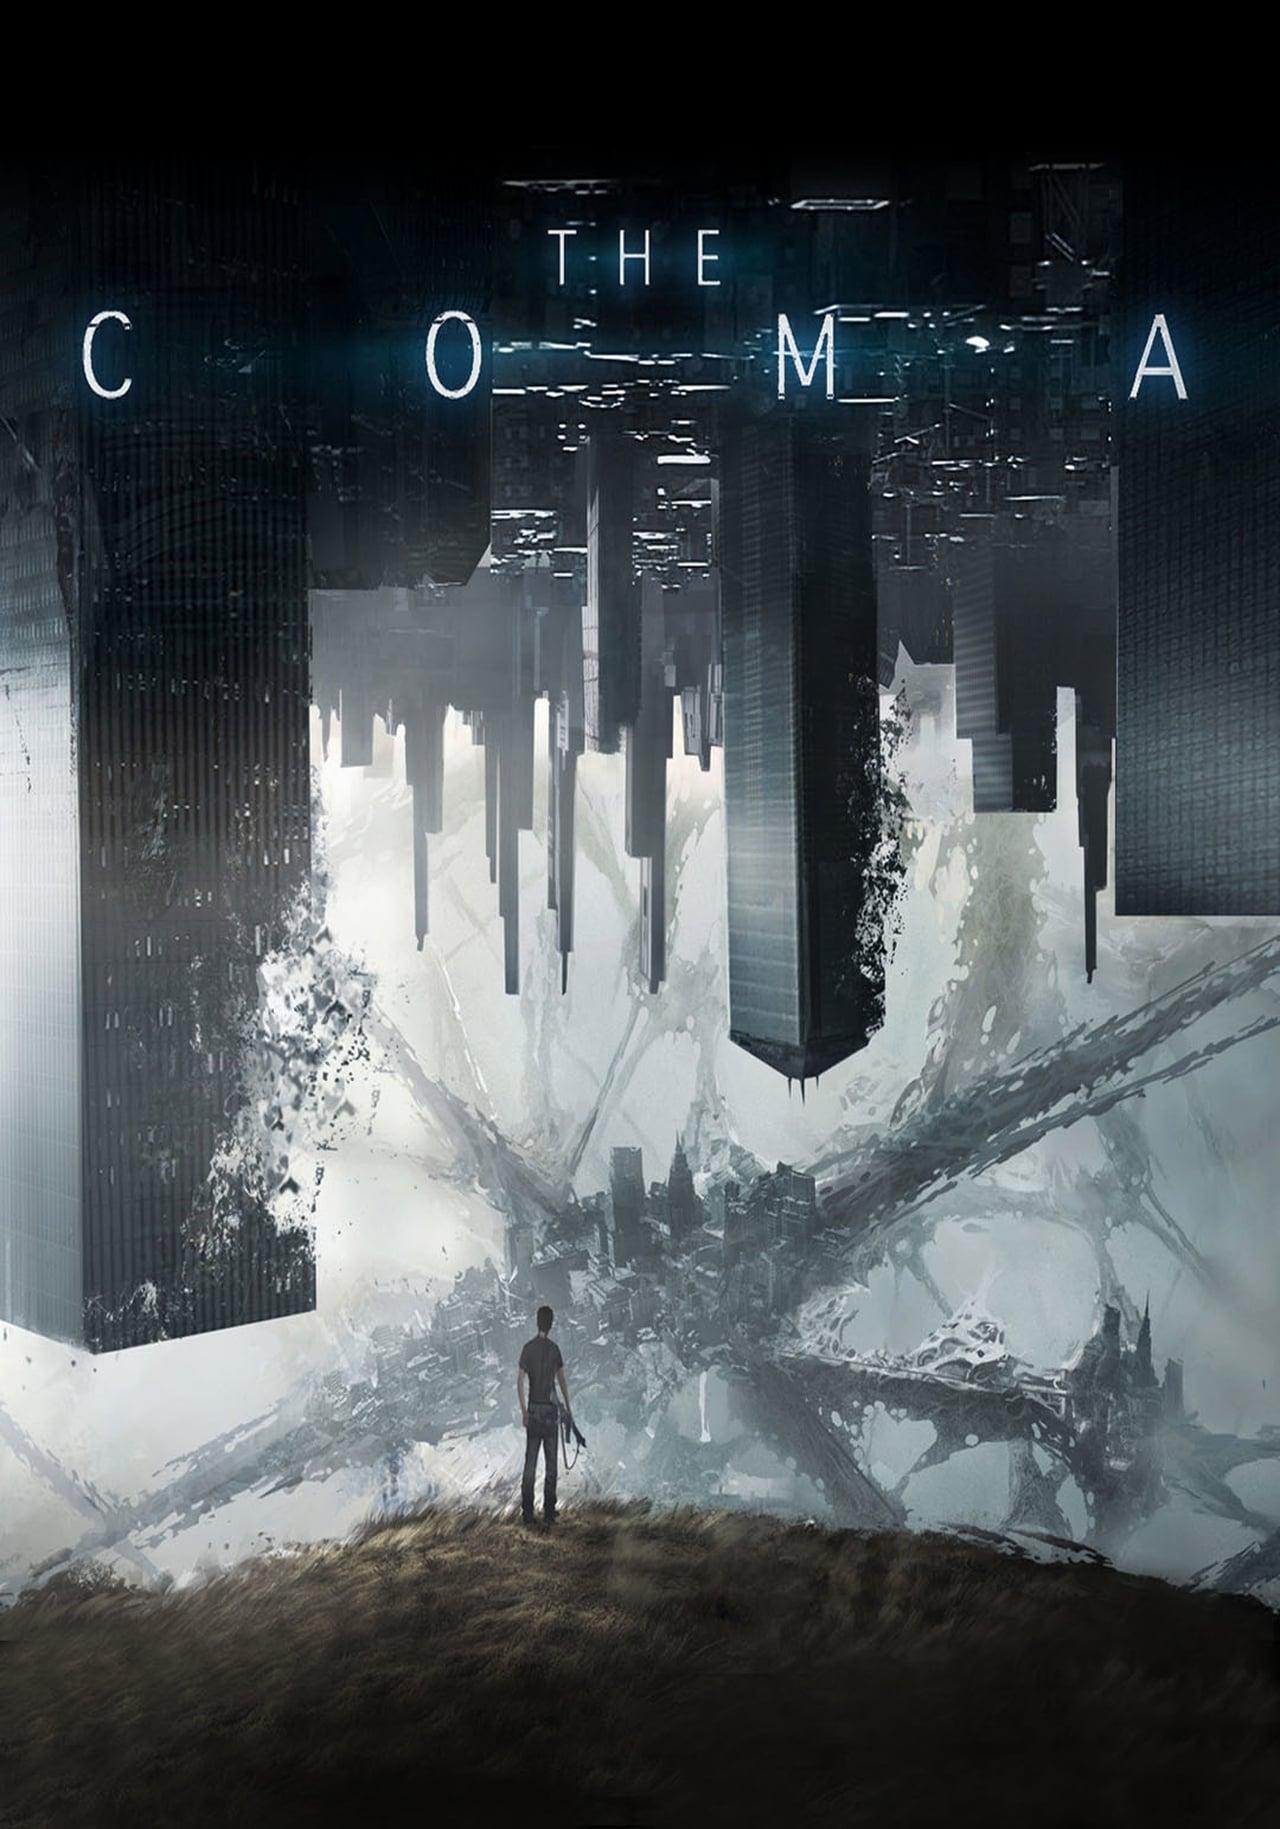 The Coma (2020)